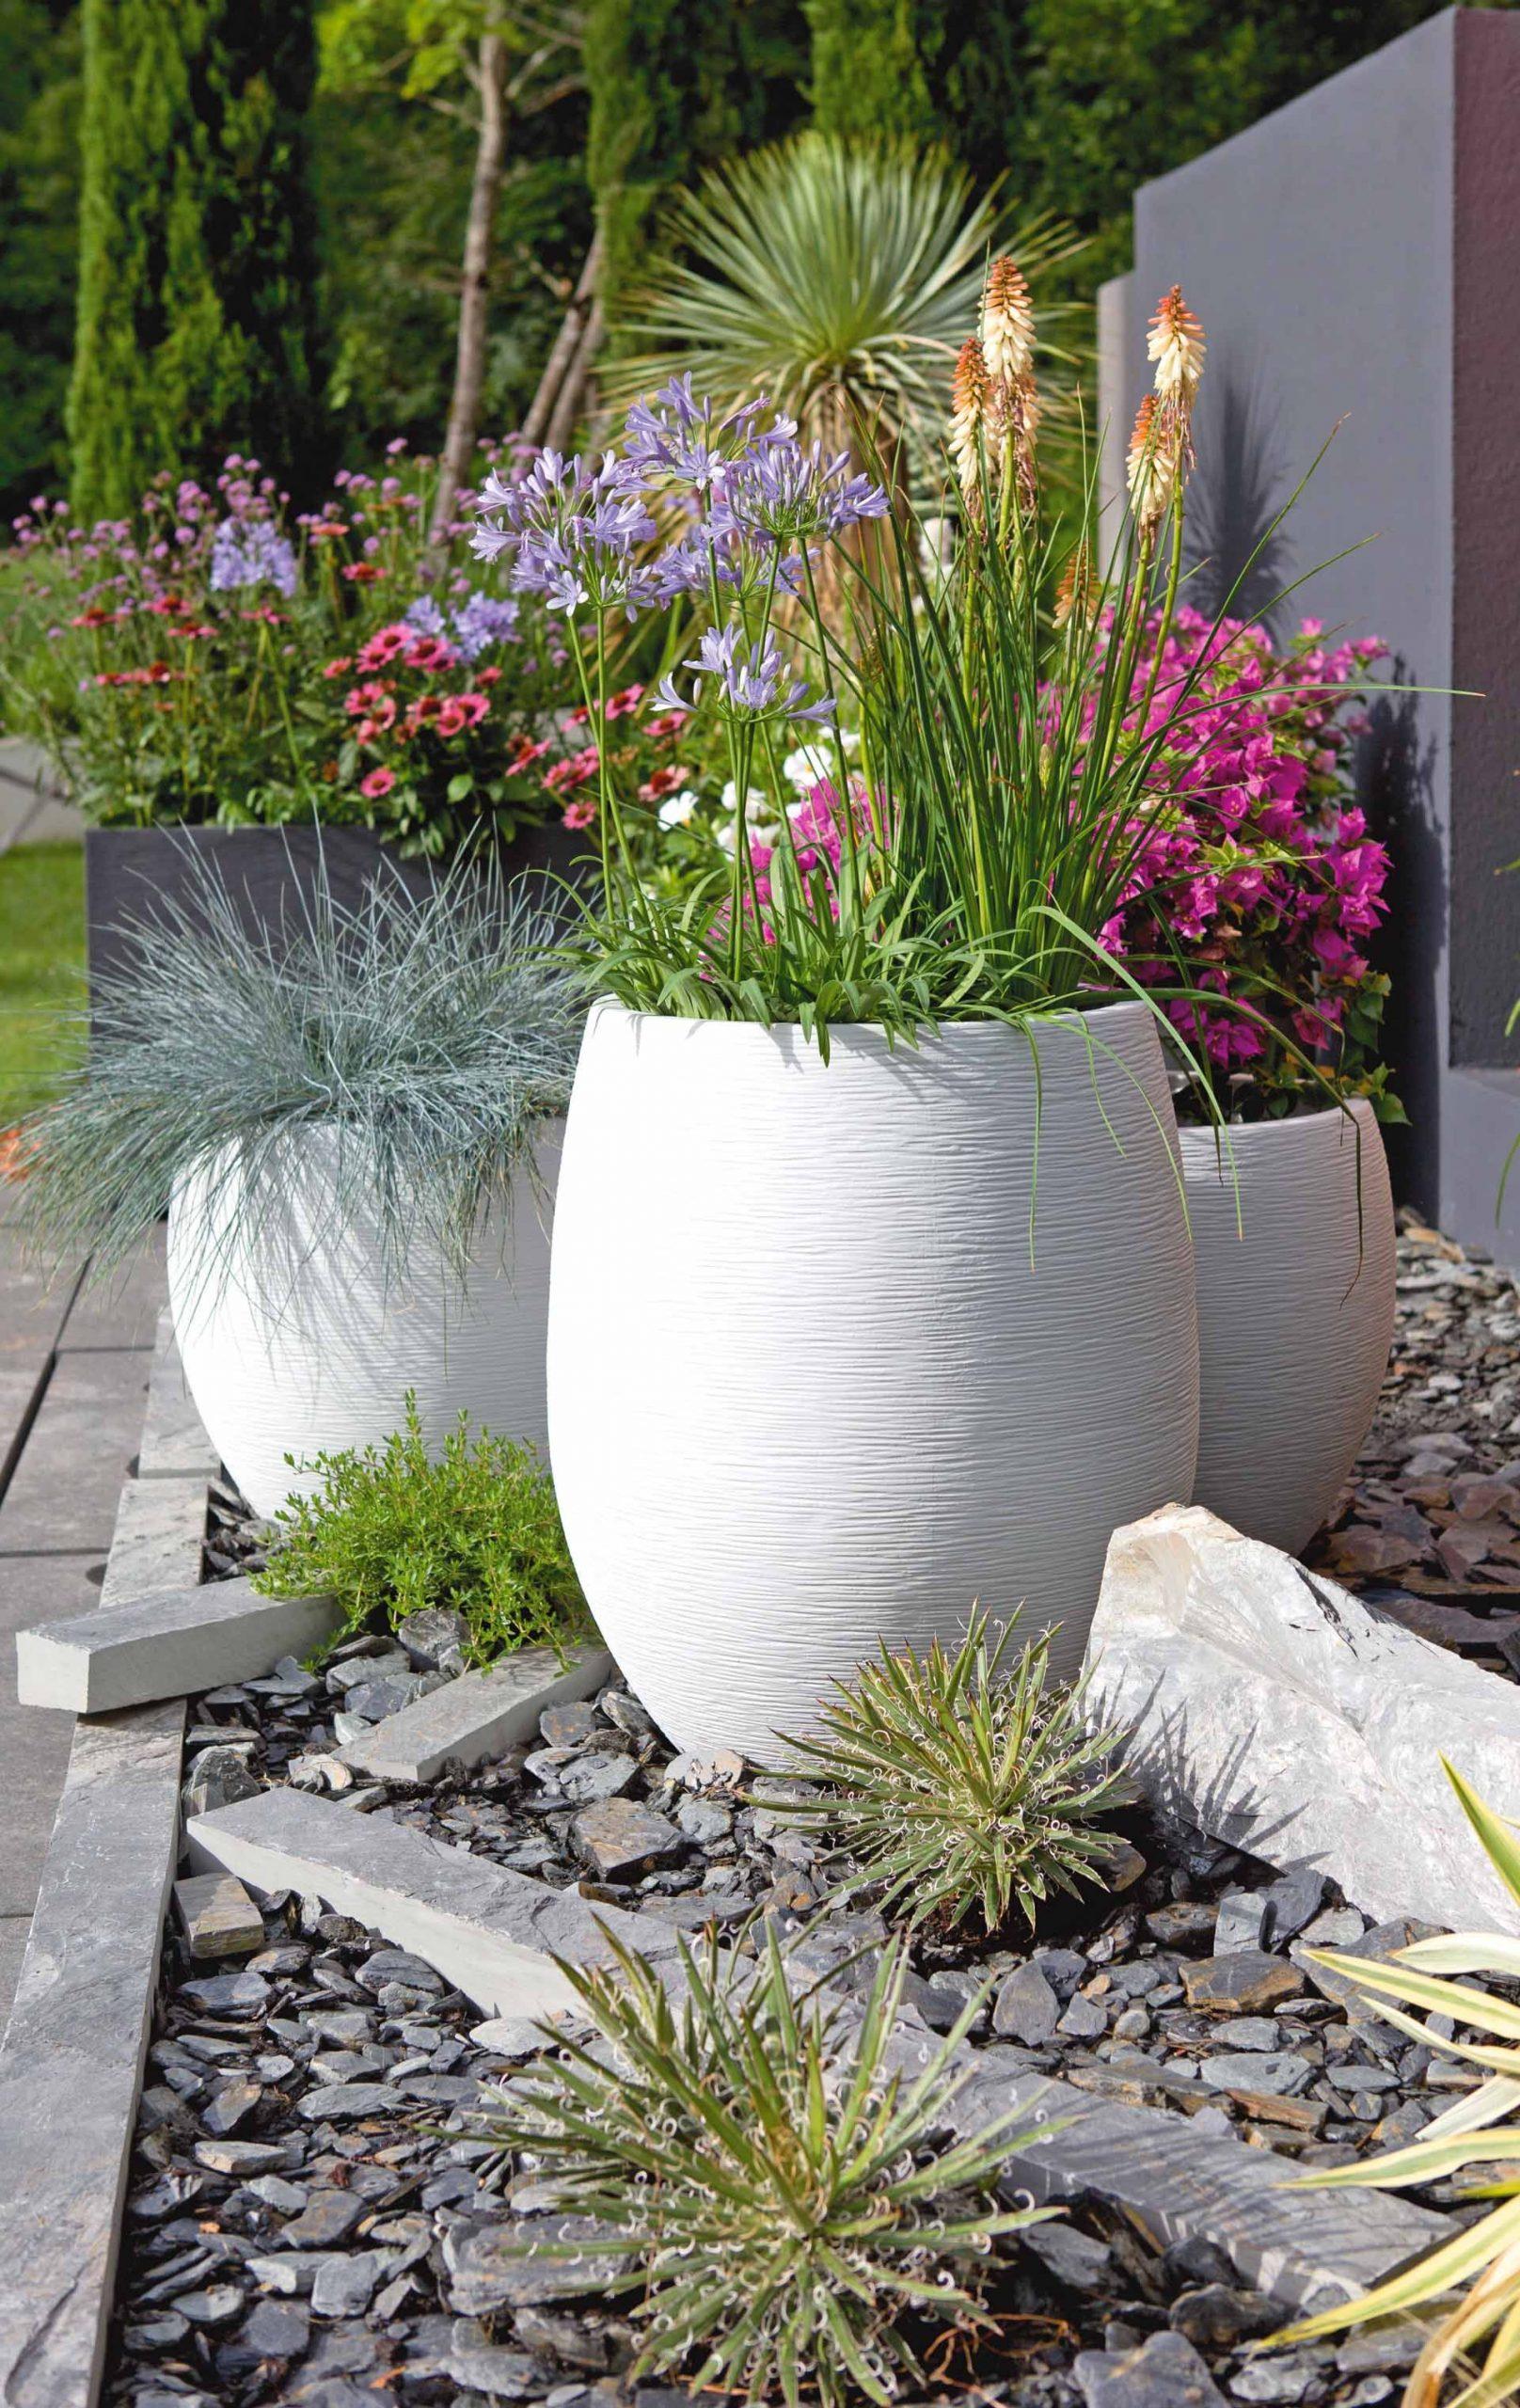 Idées De Décos Pour Le Jardin En Été   Aménagement Maison ... encequiconcerne Decoration Jardin Zen Exterieur